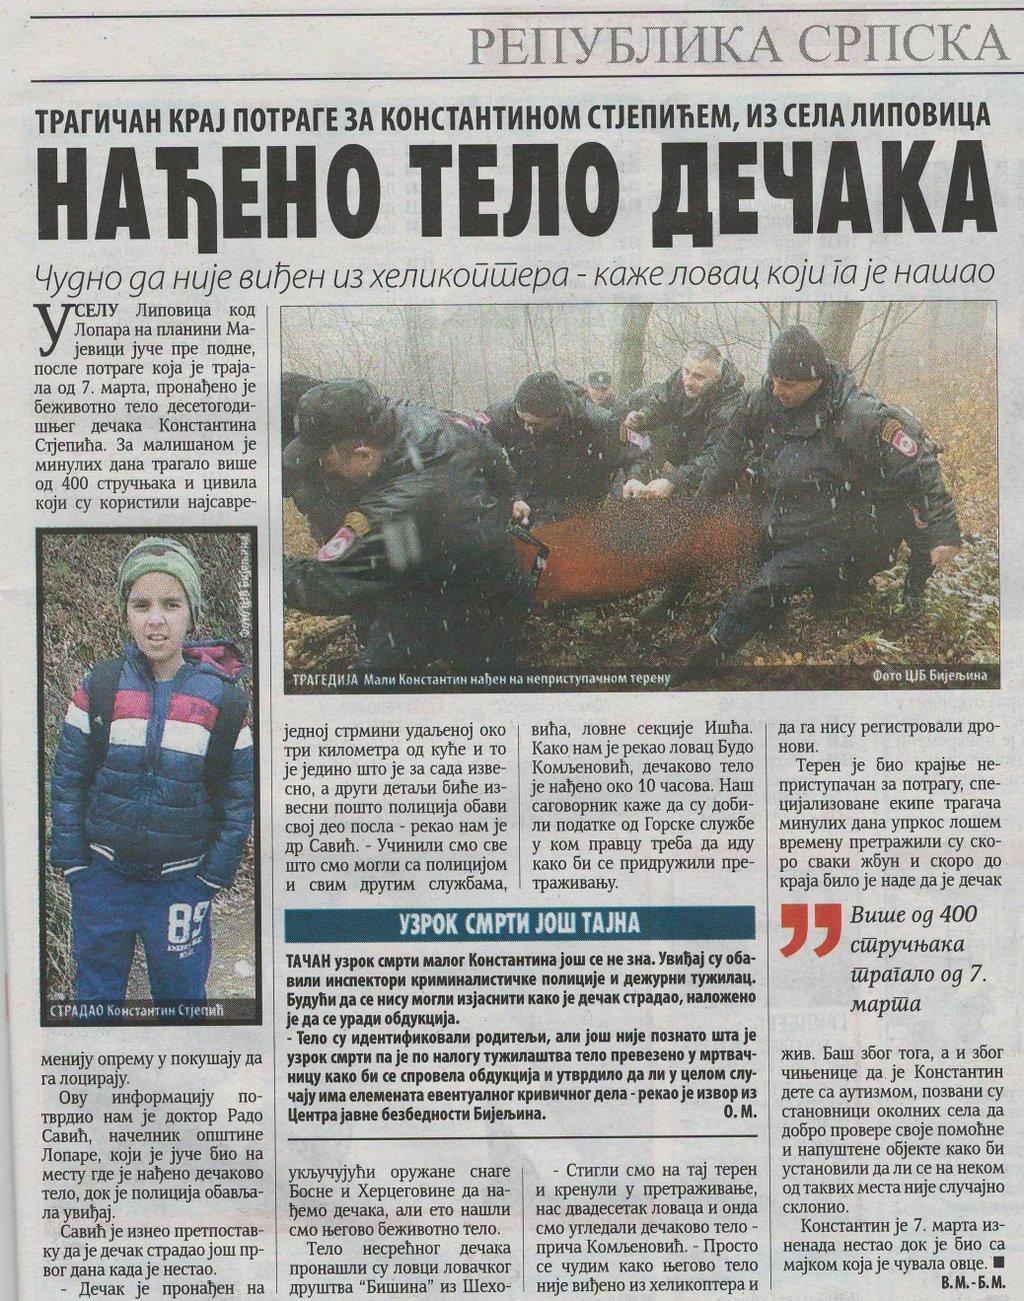 Pronadjeno tijelo nestalog djecaka na Majevici Imgsrc.ru_53256434PlX